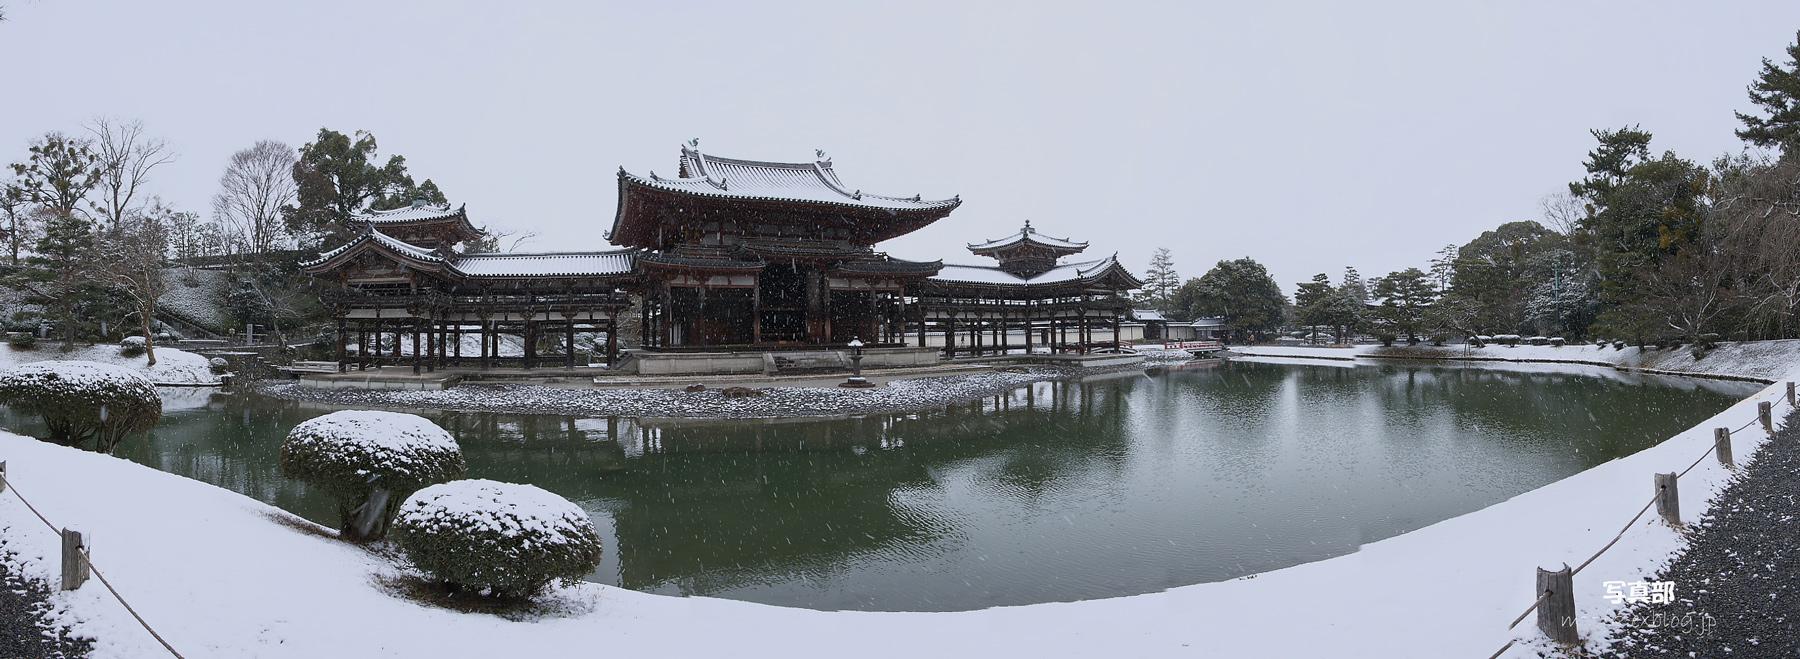 京都 雪景色 <宇治> 1 _f0021869_20292492.jpg